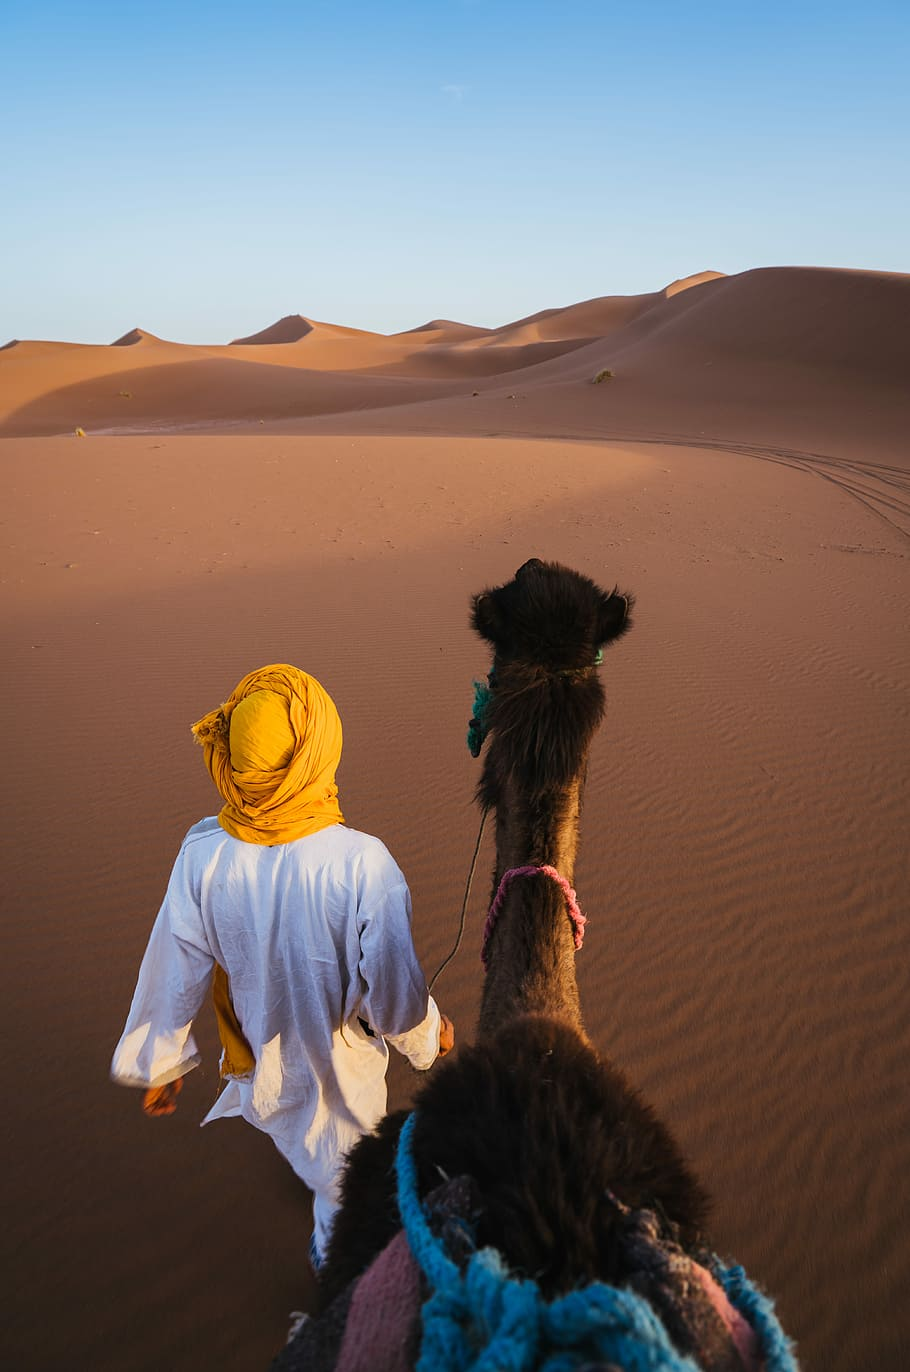 HD wallpaper man walking on desert with camel man wearing yellow 910x1372